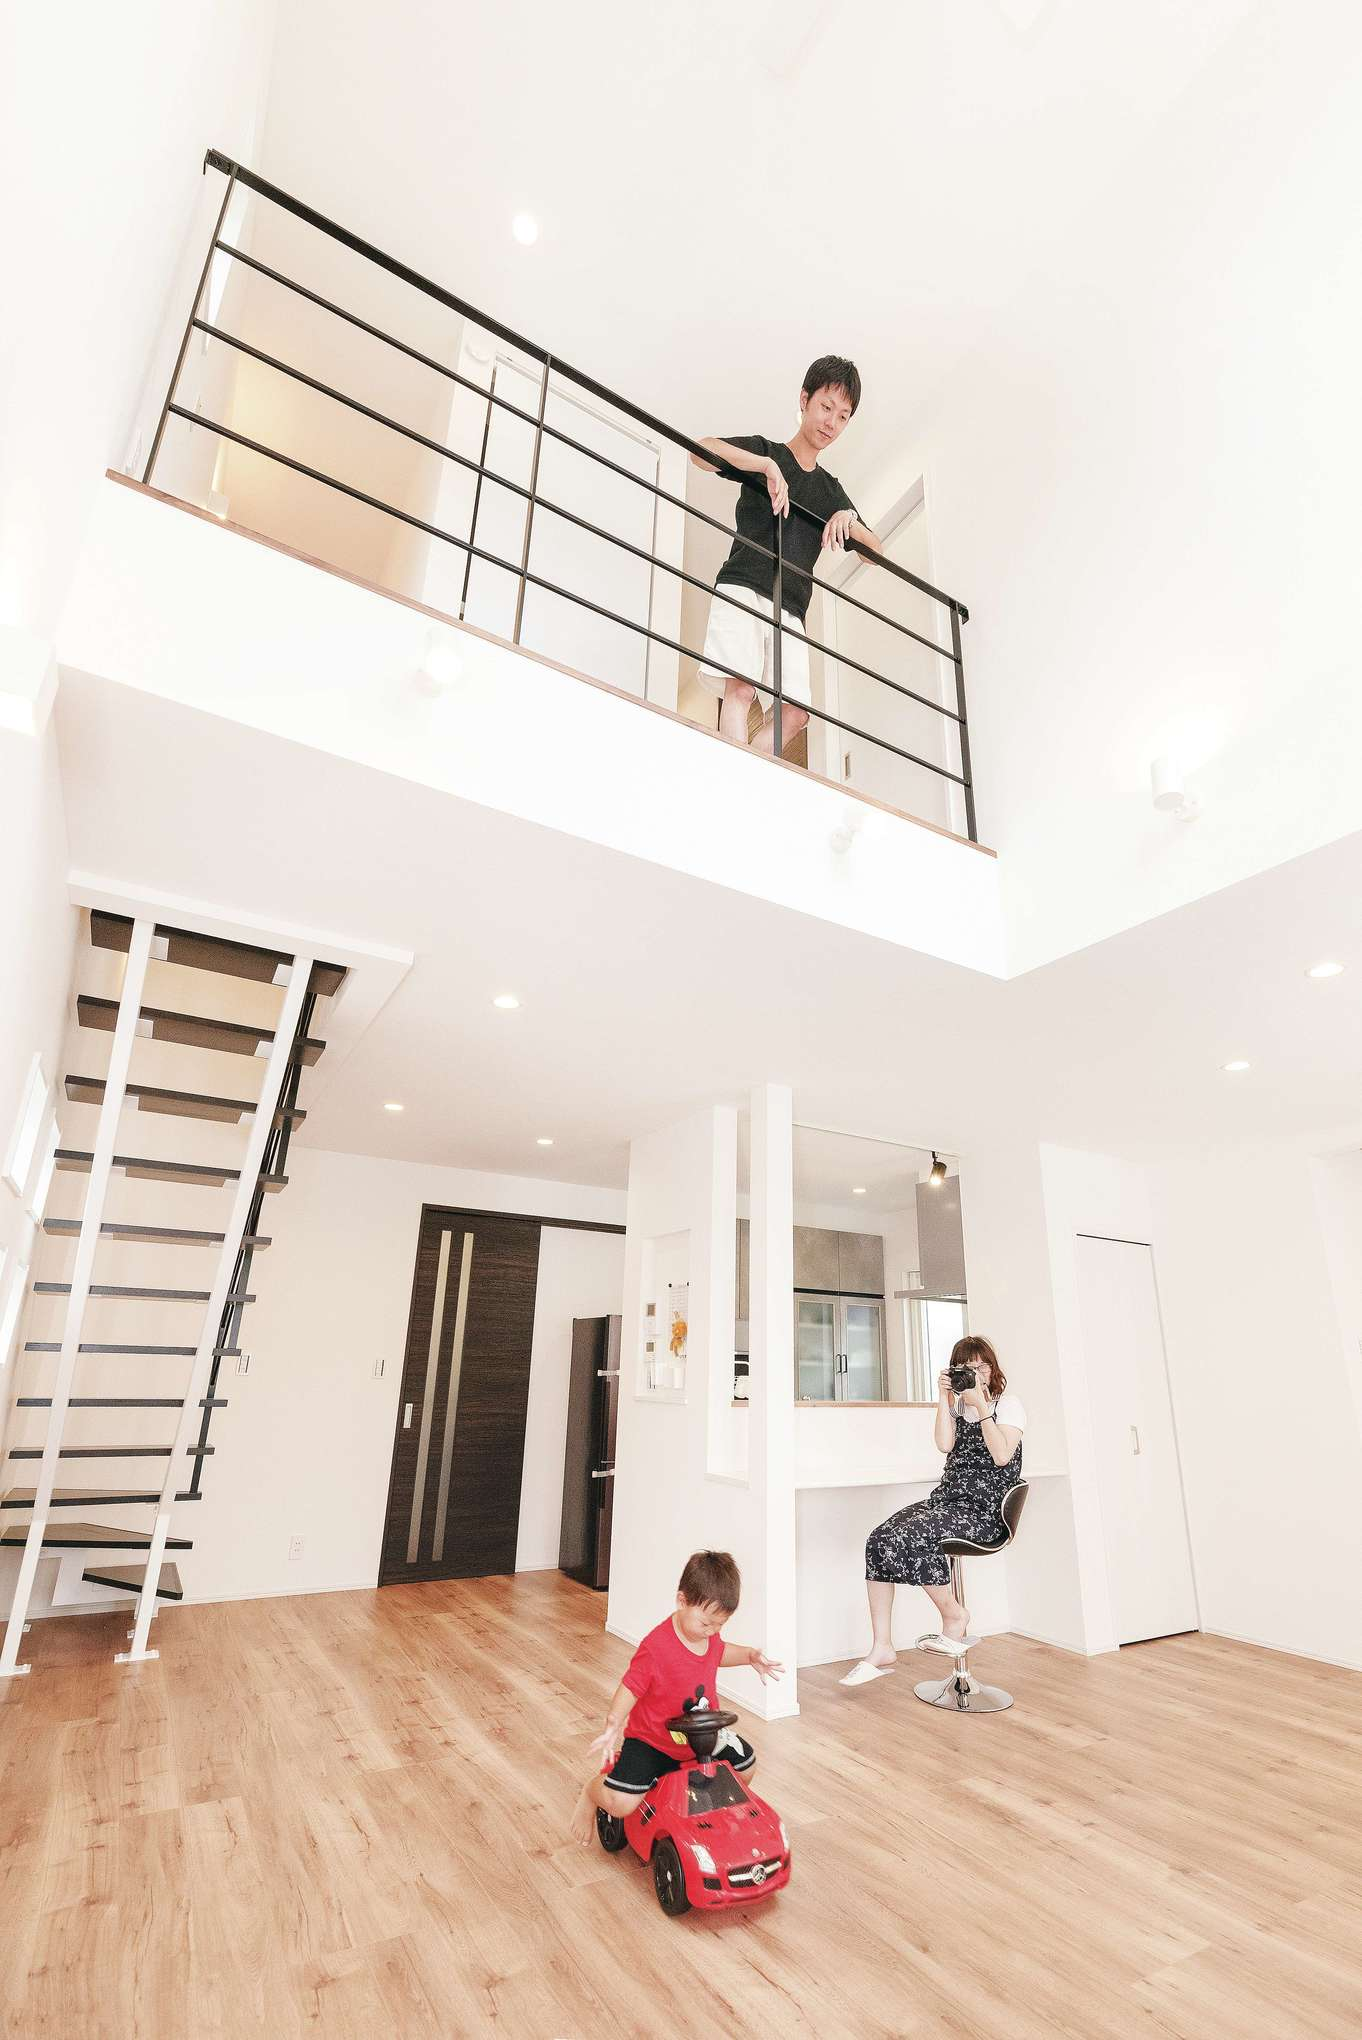 irohaco (アヴァンス)【1000万円台、デザイン住宅、子育て】白い壁とアイアンのモノトーンコーデがスタイリッシュなLDK。吹き抜けによってさらにゆったりとした空間に